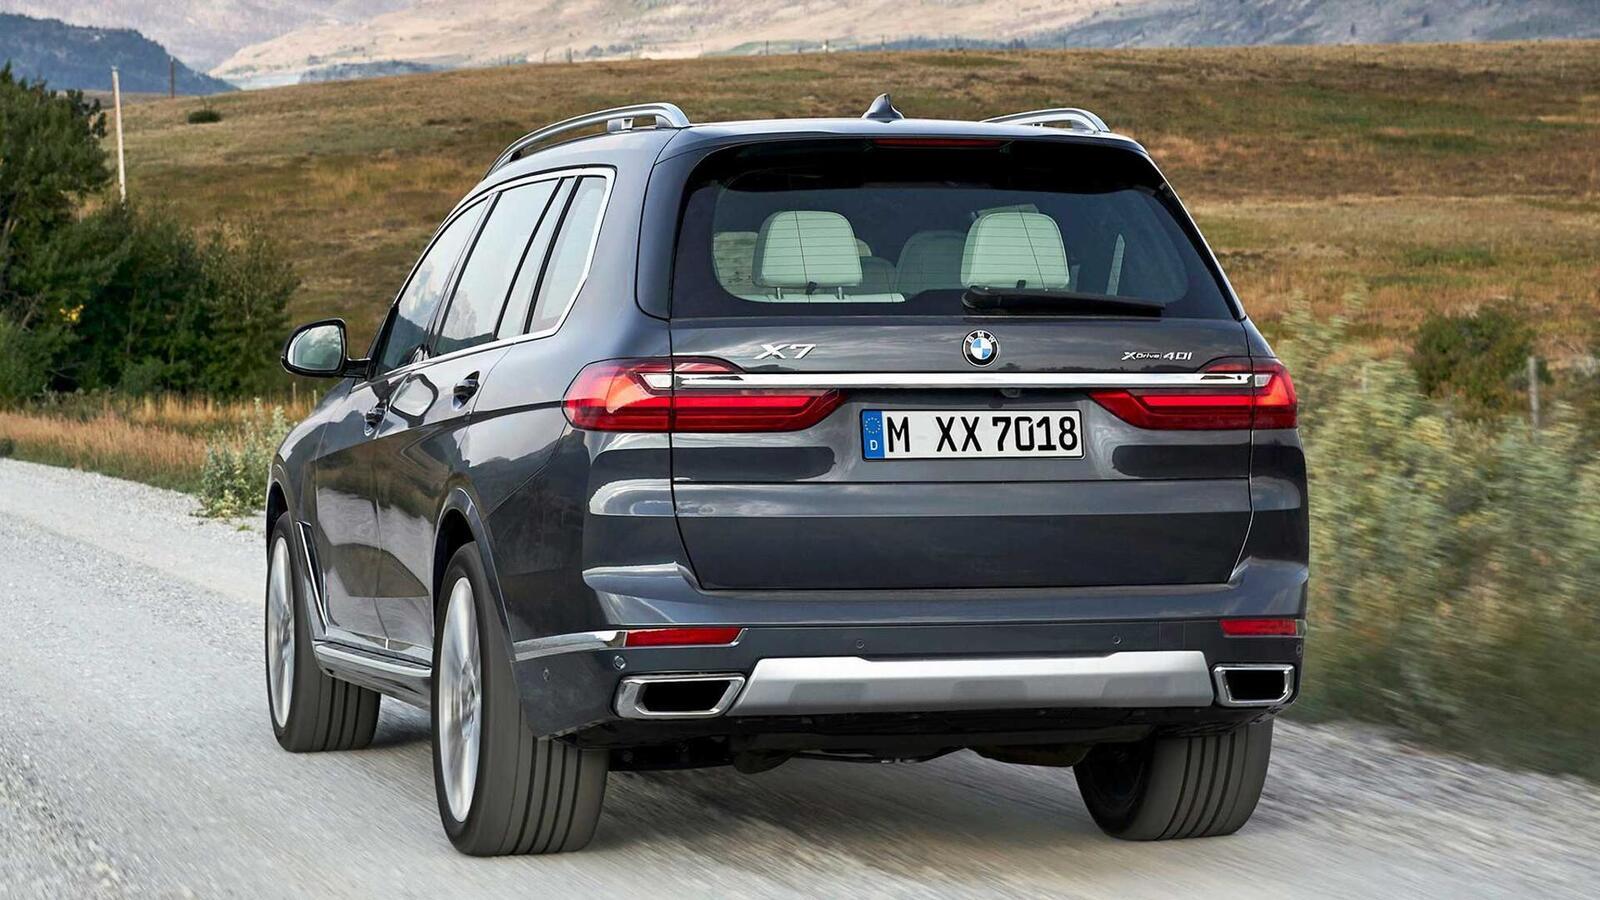 Hôm nay BMW X7 và X5 thế hệ mới sẽ ra mắt tại Việt Nam; mời các bác dự đoán giá bán - Hình 6